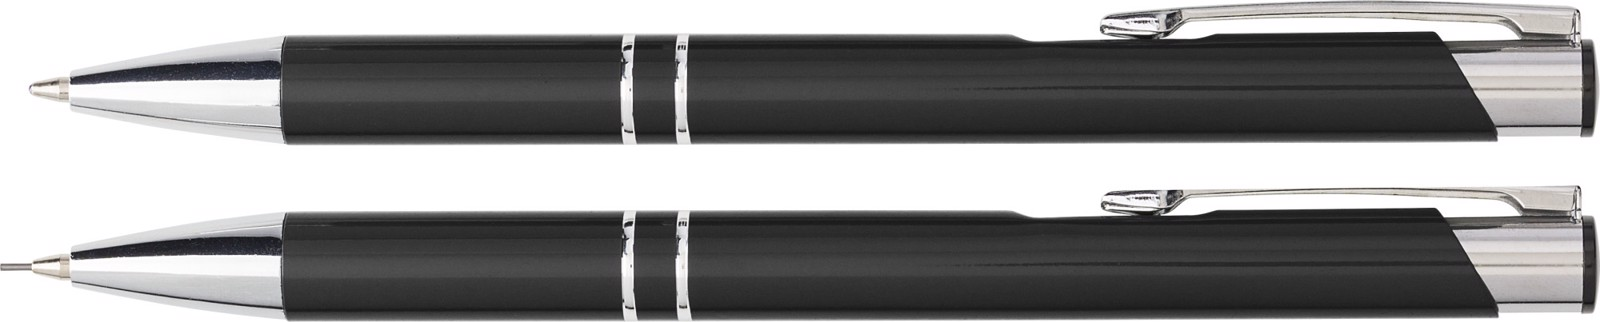 Aluminium writing set - Black